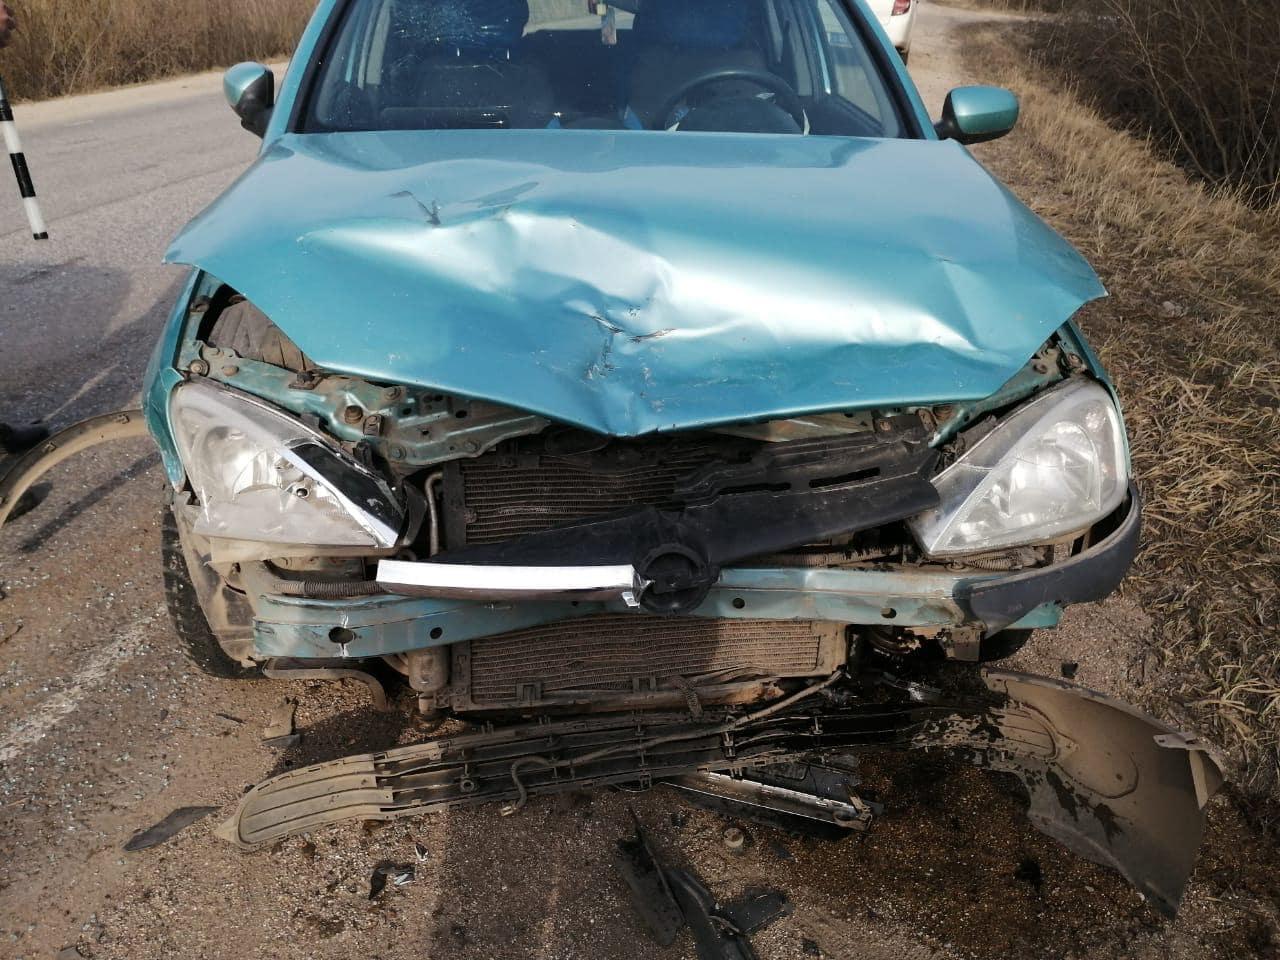 10-летняя девочка и водитель-виновник пострадали в ДТП в Тверской области